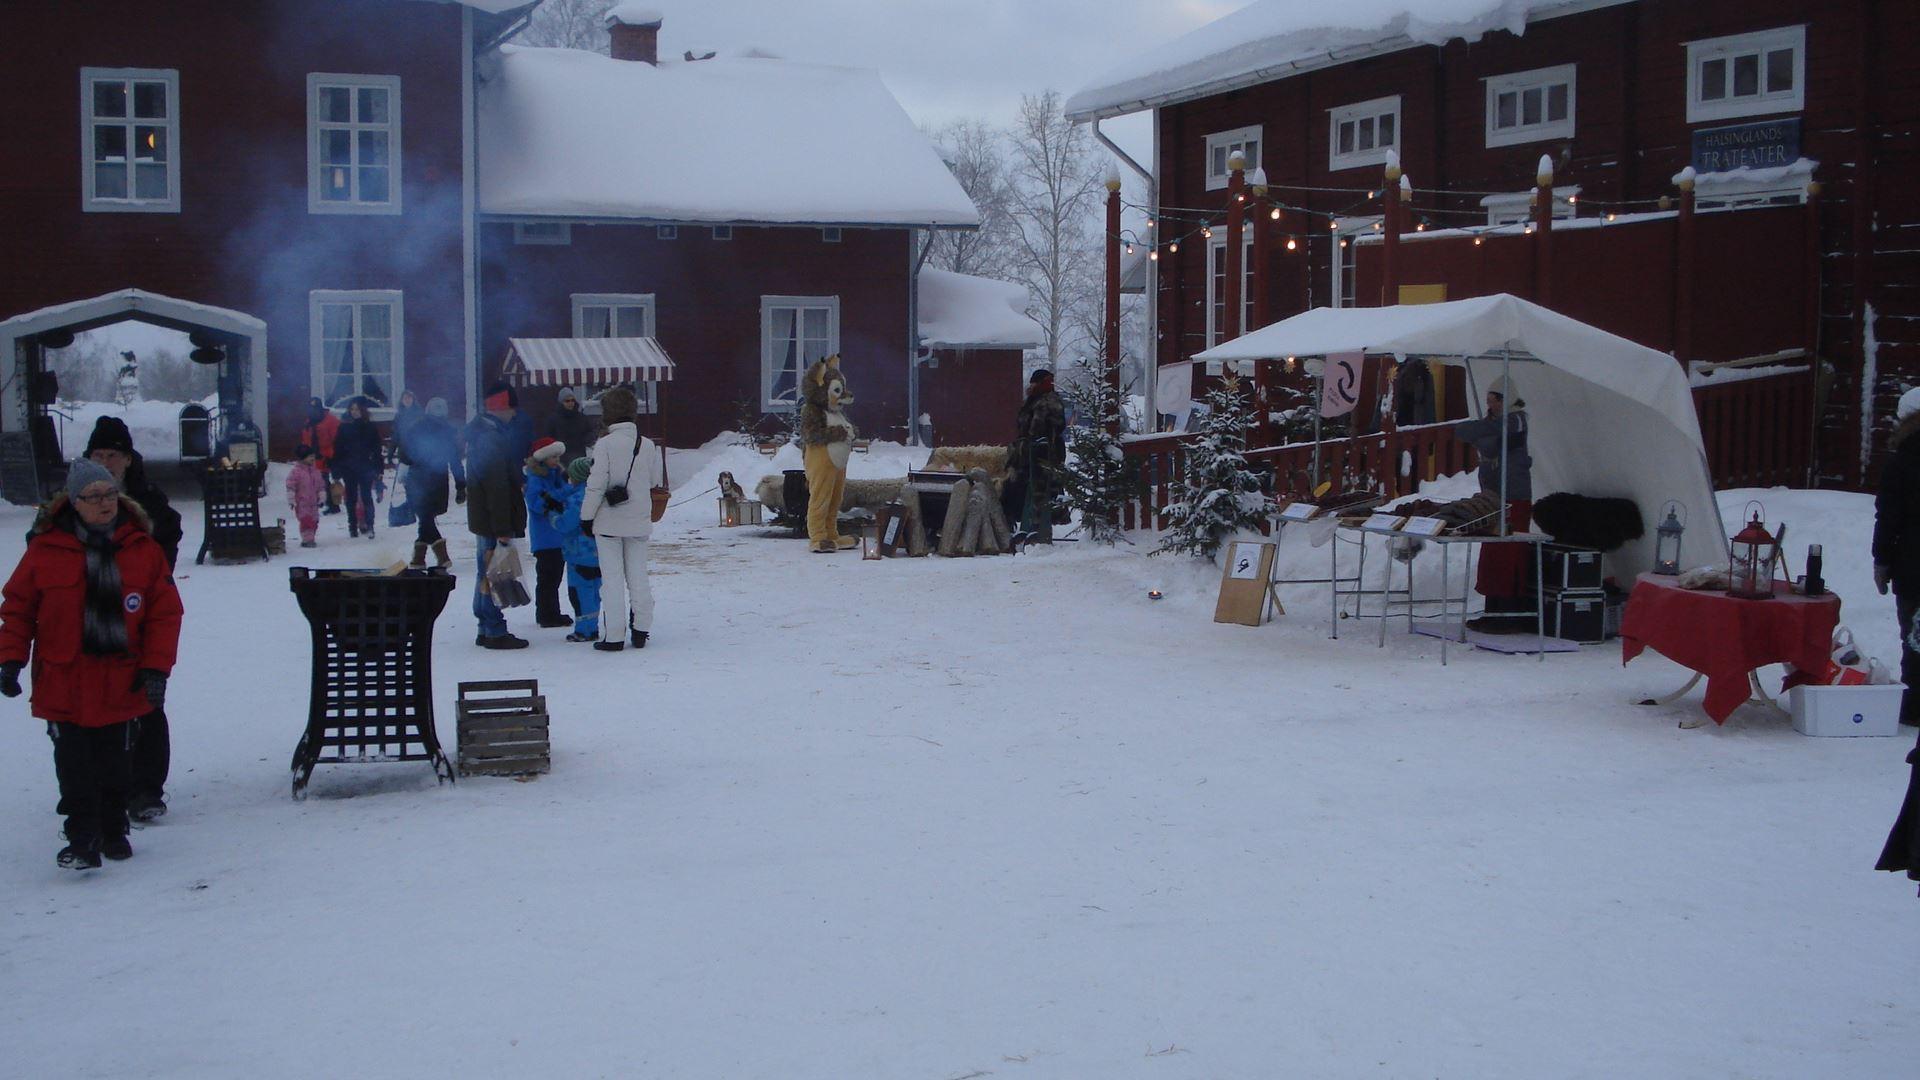 Järvsö Hembygdsförenings Julmarknad på Stenegård